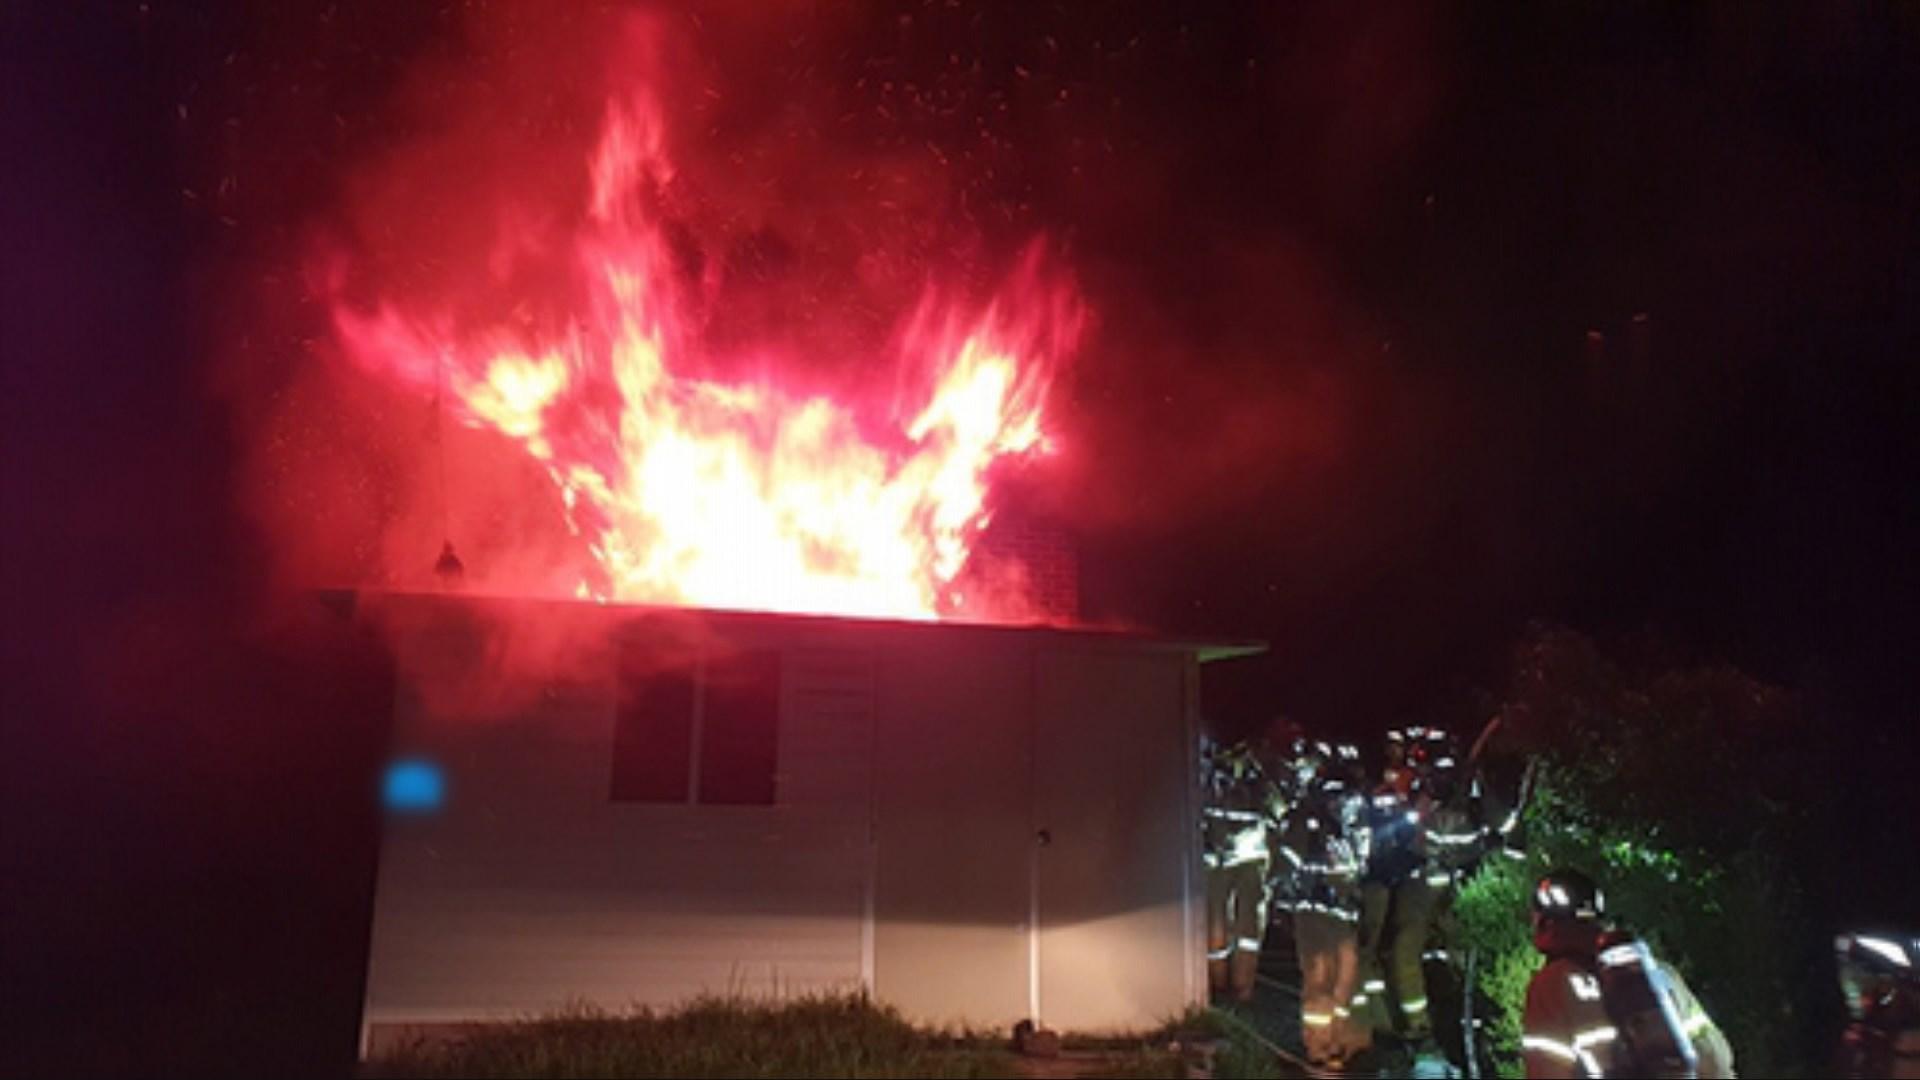 충남 아산 단독주택서 불…70대 거주자 숨져